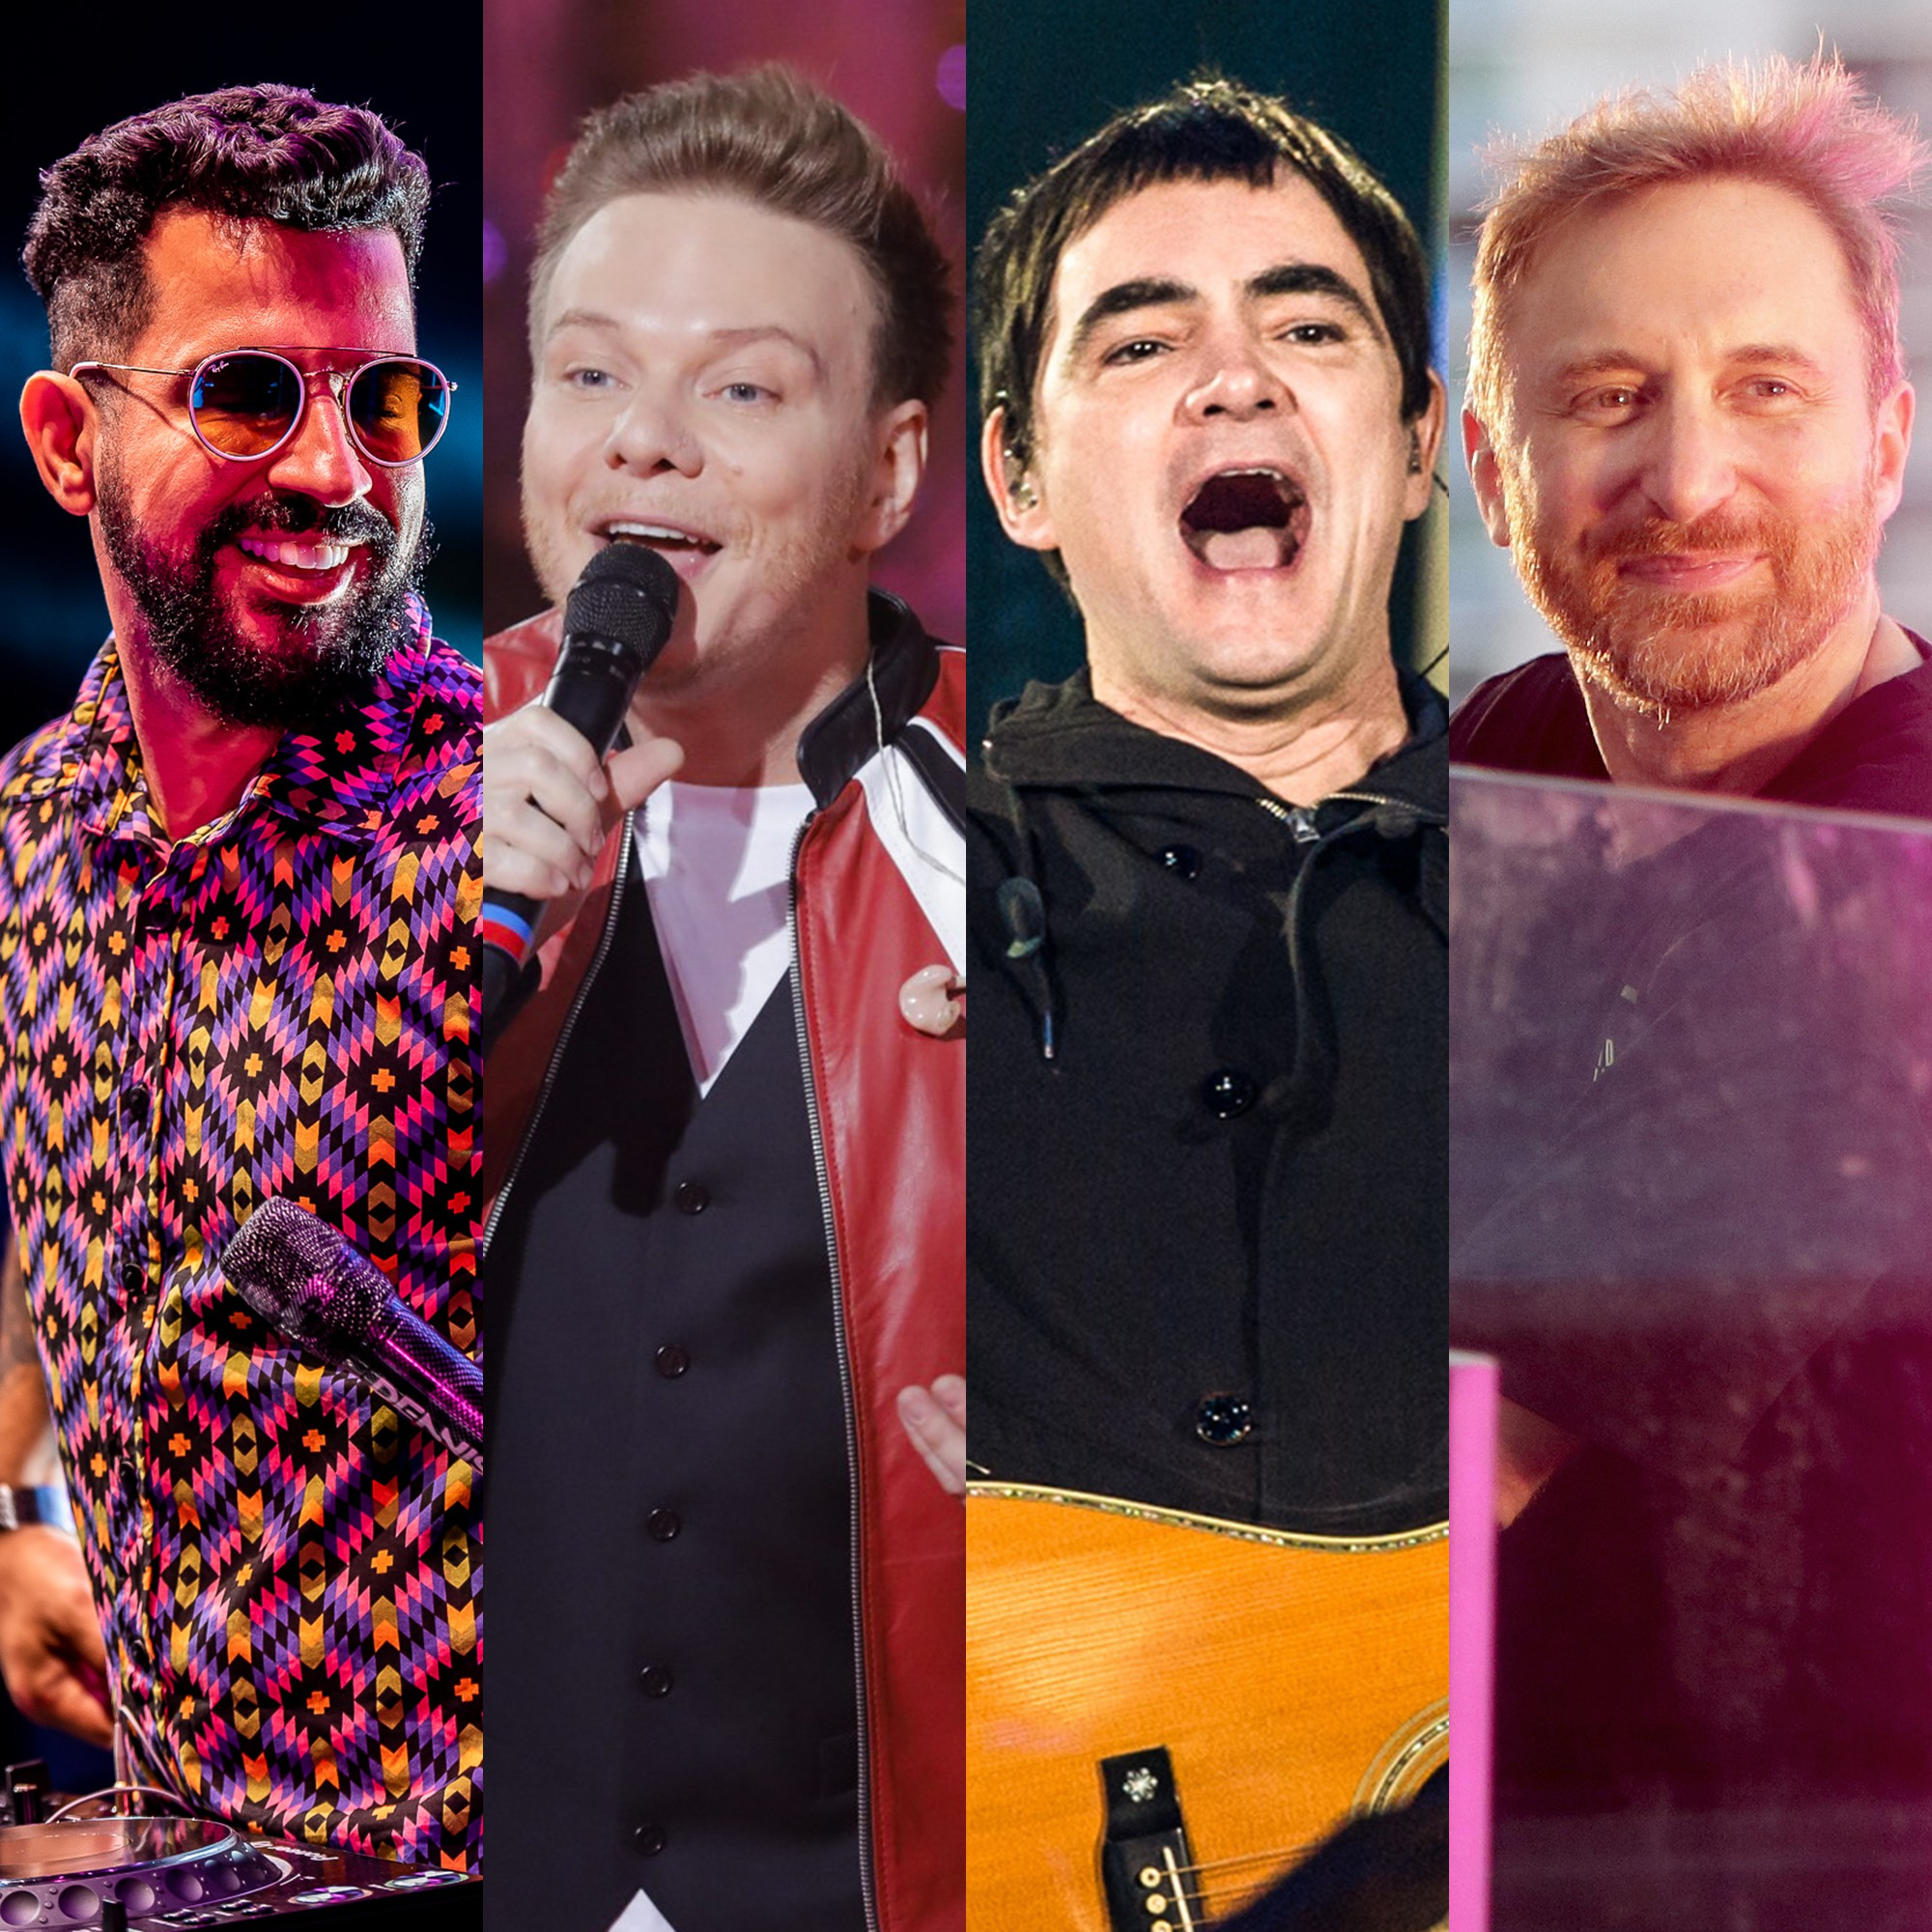 Lives de hoje: Dennis DJ, Michel Teló, Skank, David Guetta e mais shows para ver em casa